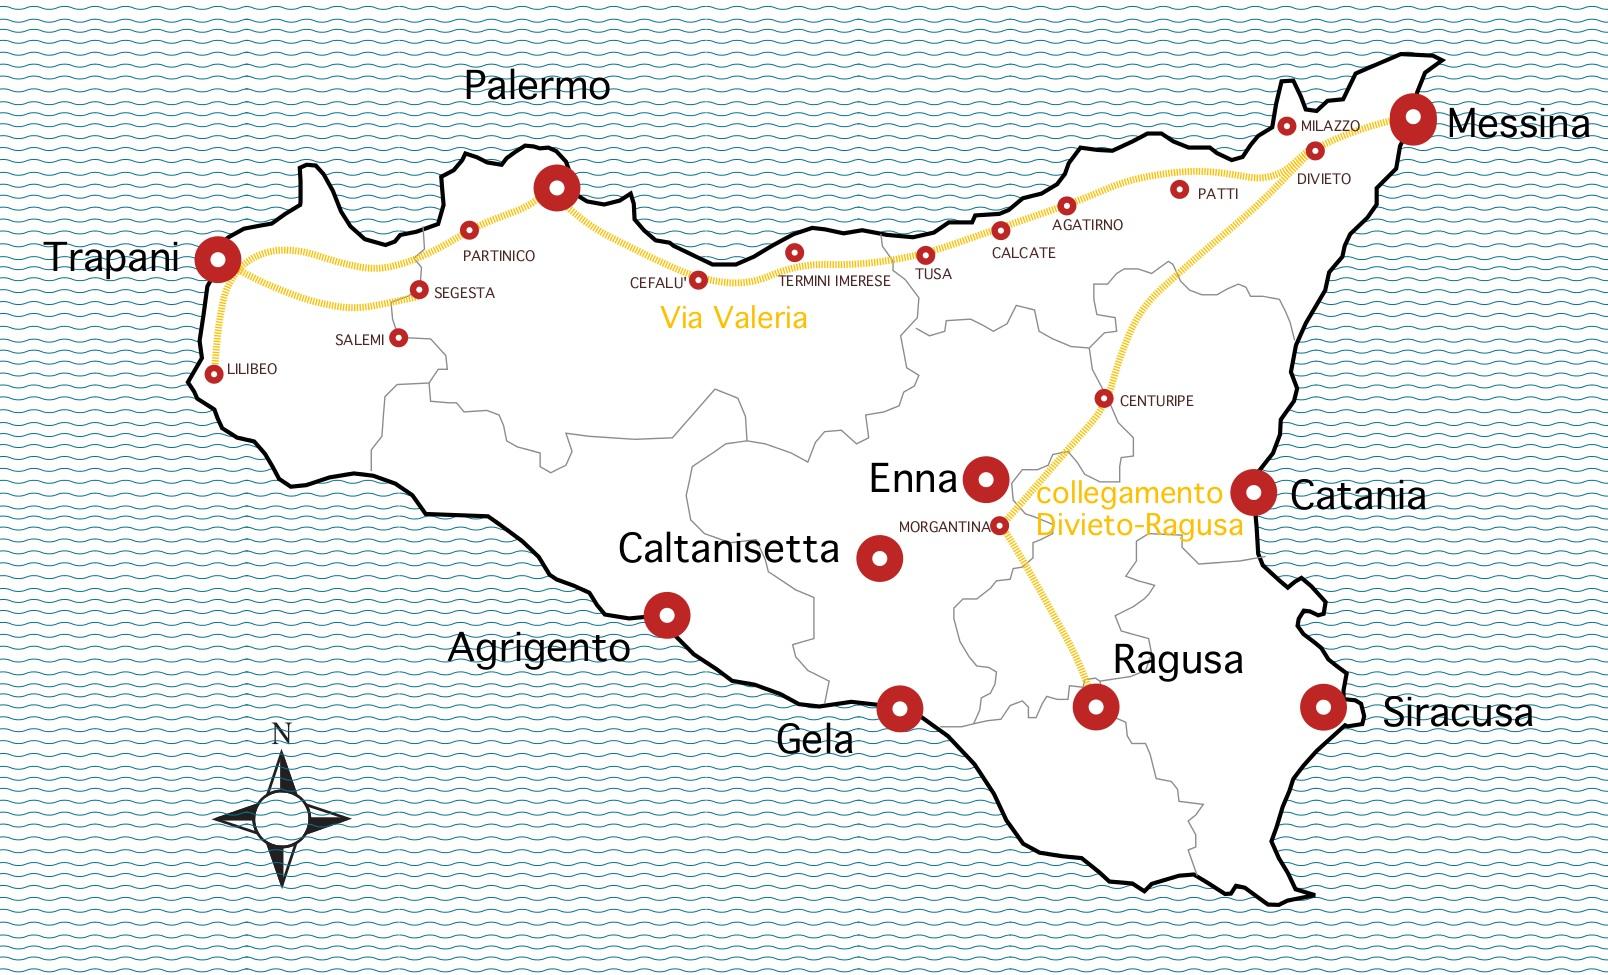 Mappa Sicilia Trazzere Vera Messana